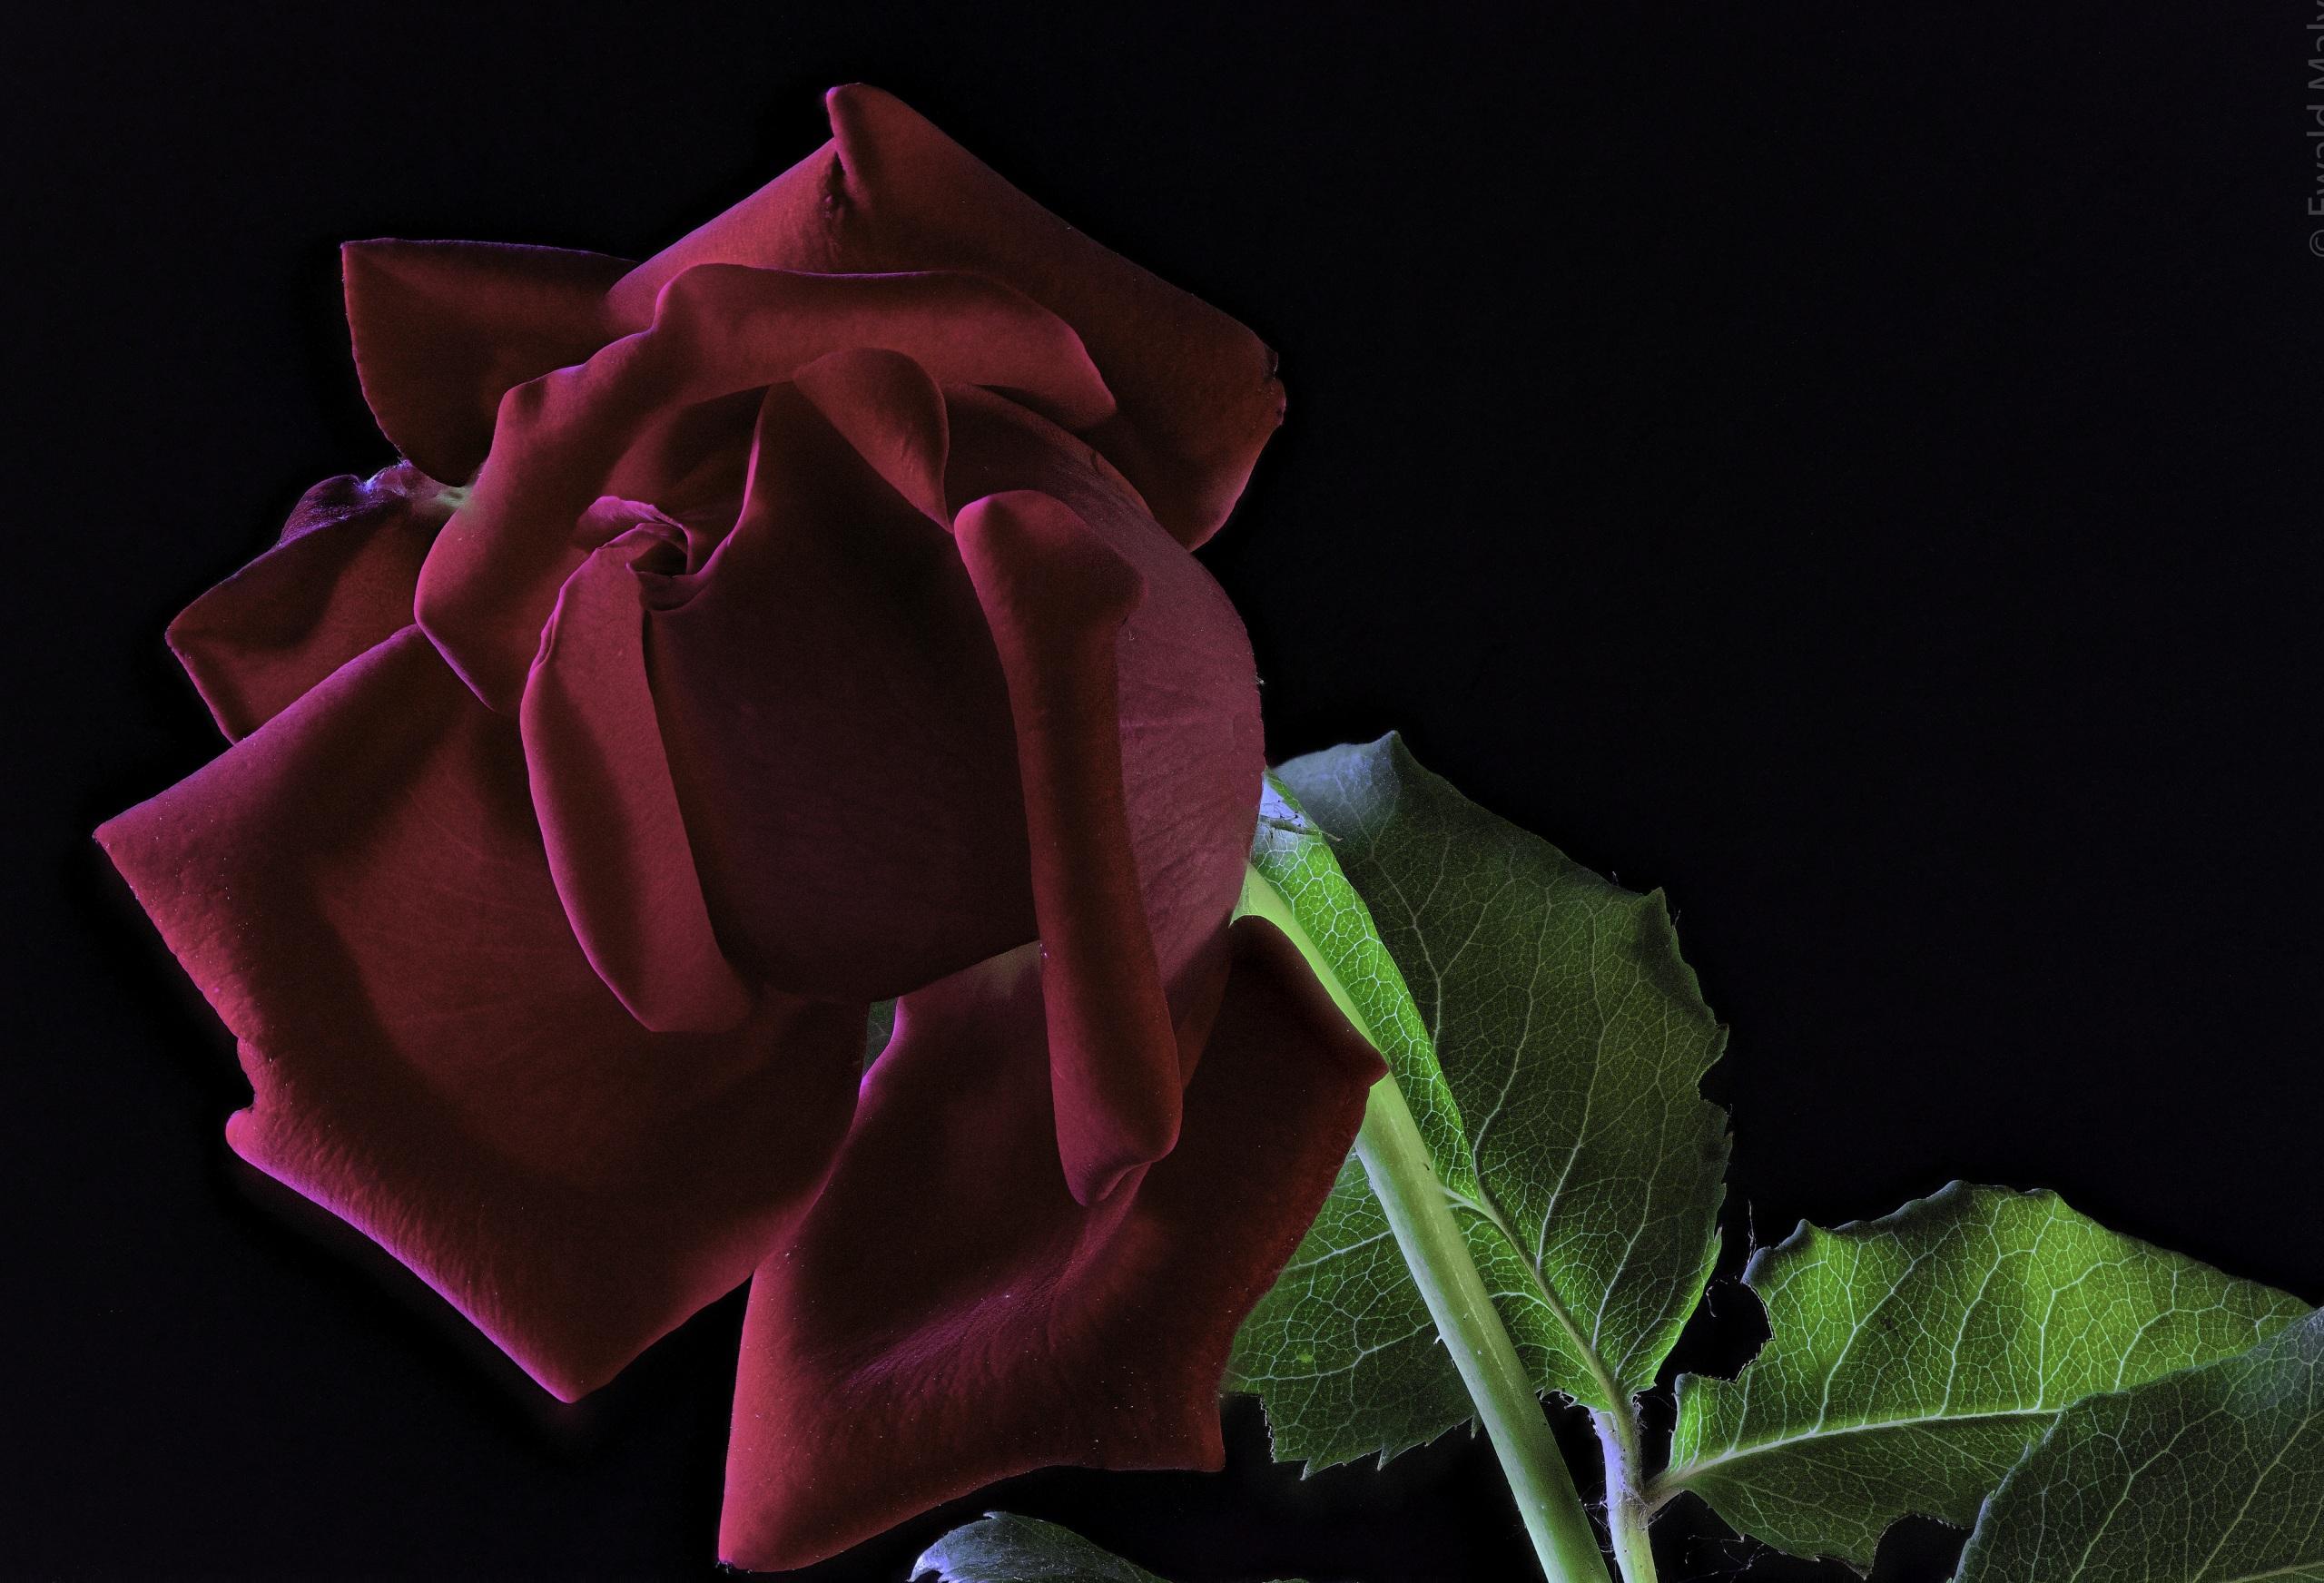 Фотографии Розы бордовая Цветы вблизи на черном фоне 2560x1744 роза бордовые Бордовый темно красный цветок Черный фон Крупным планом